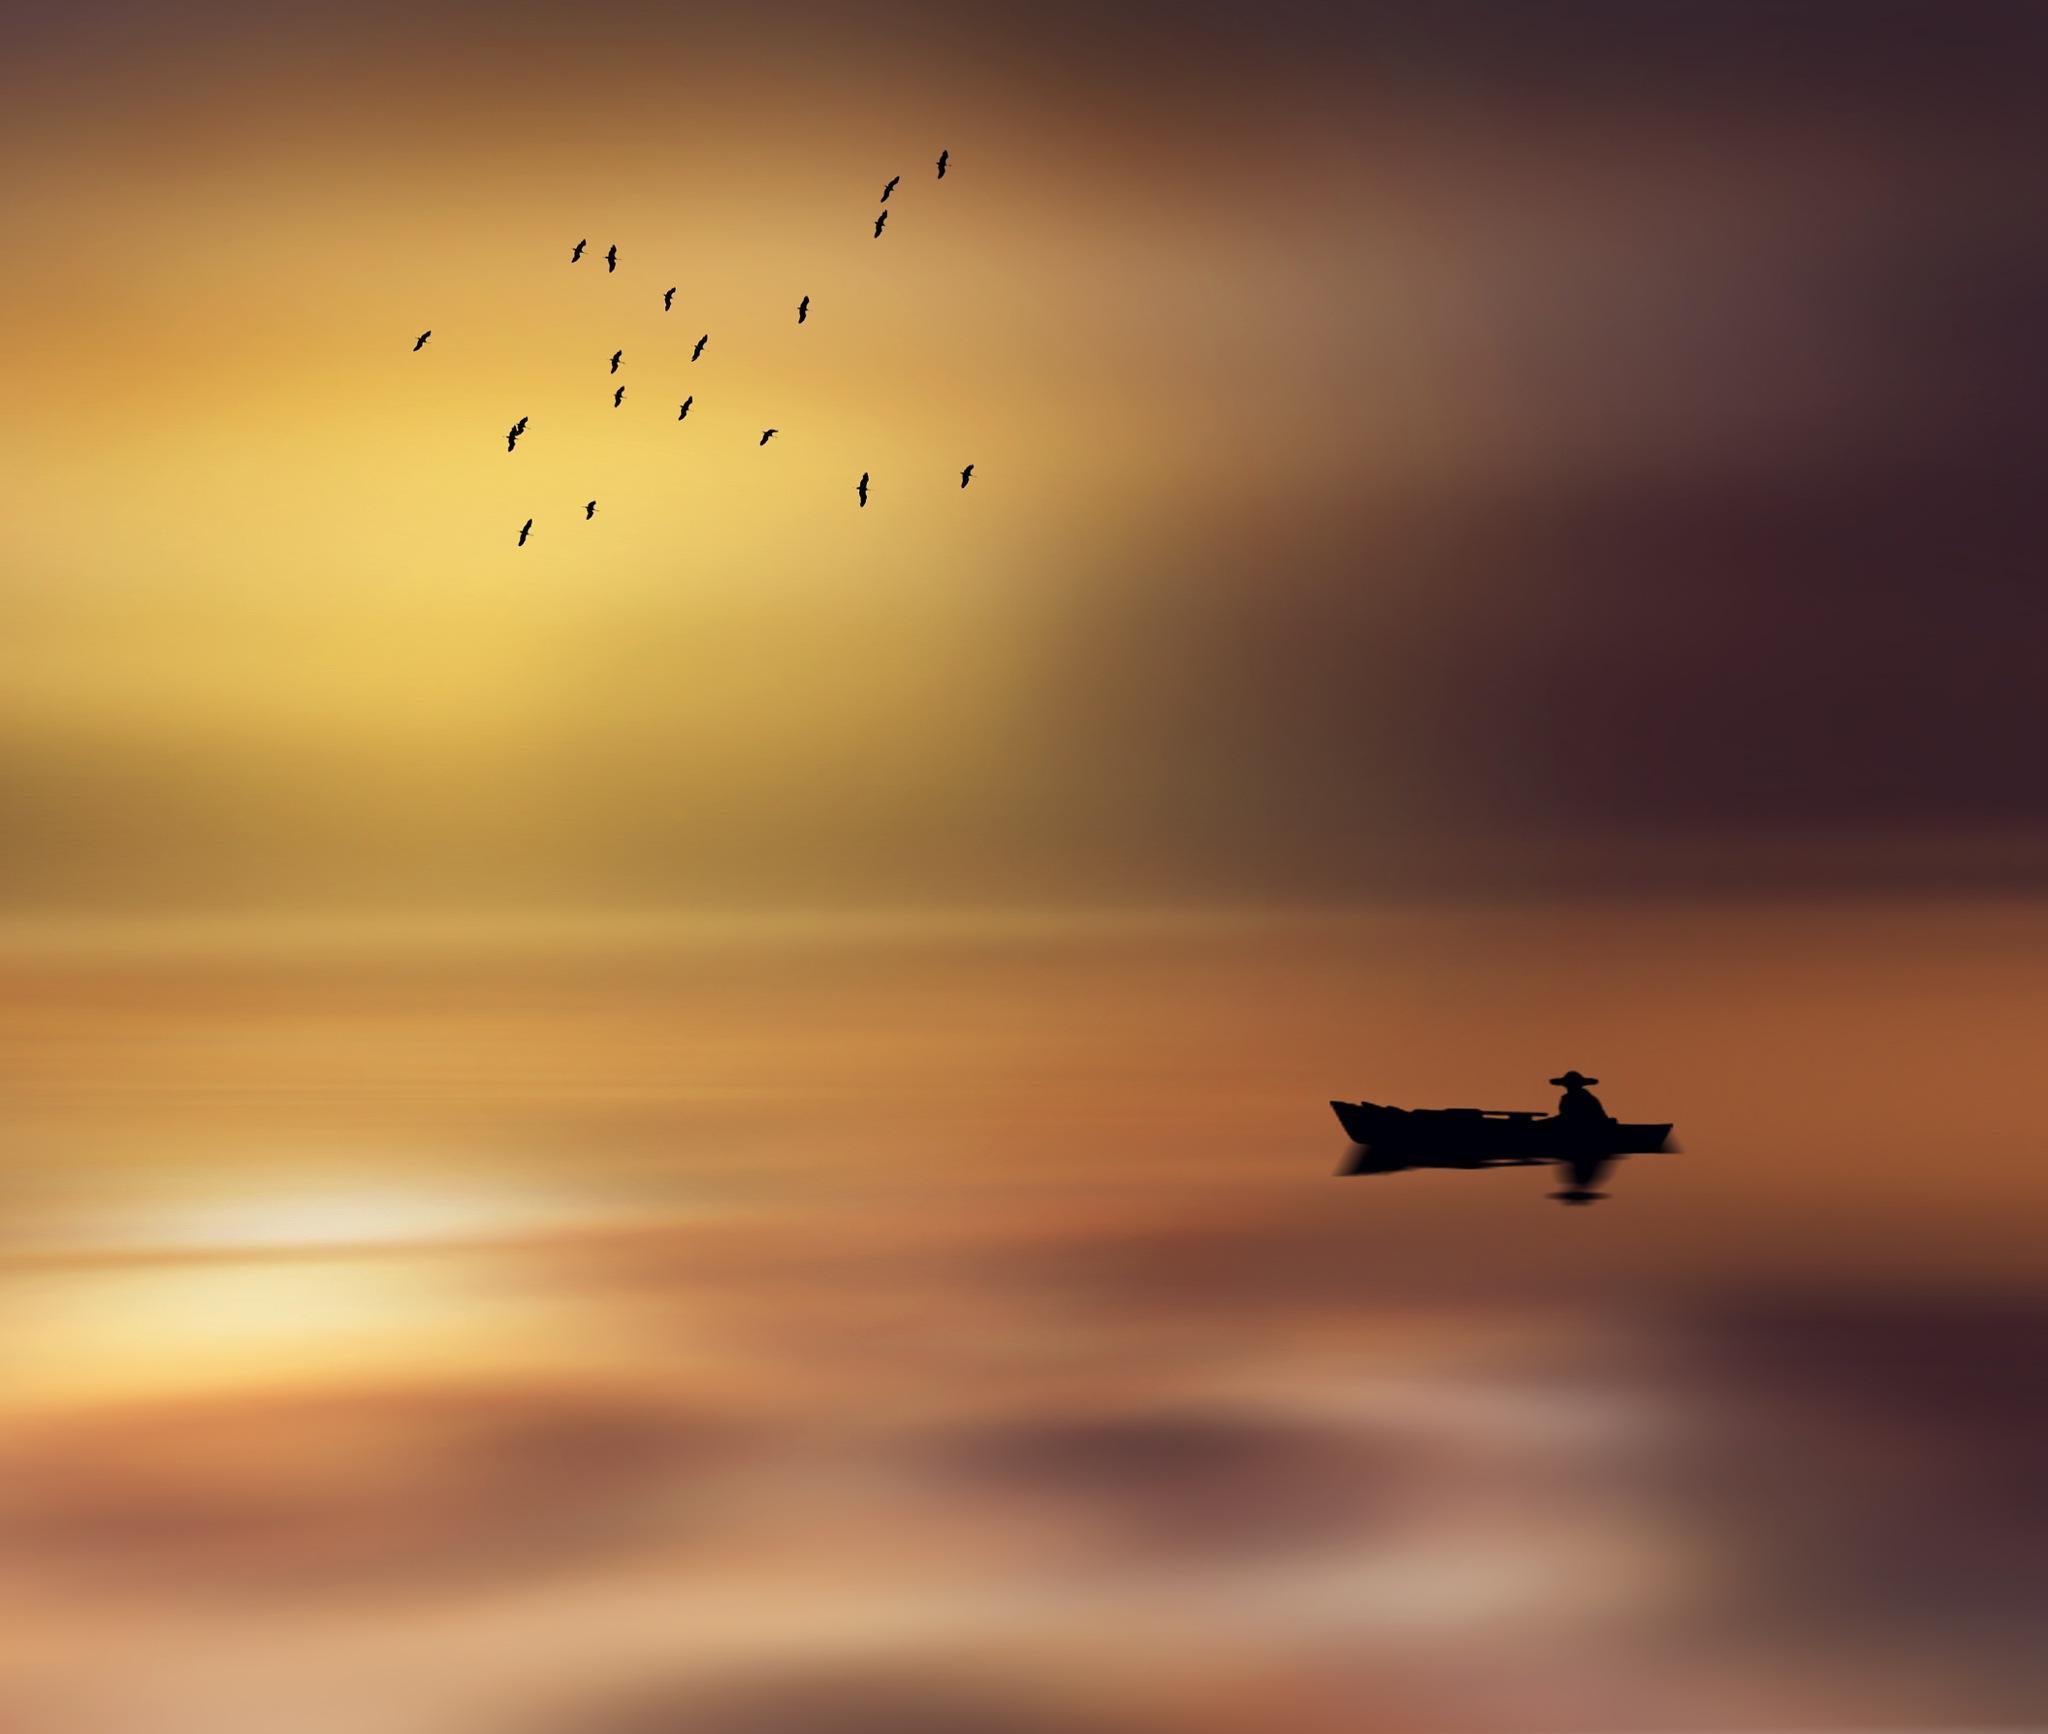 Untitled by Omarbm